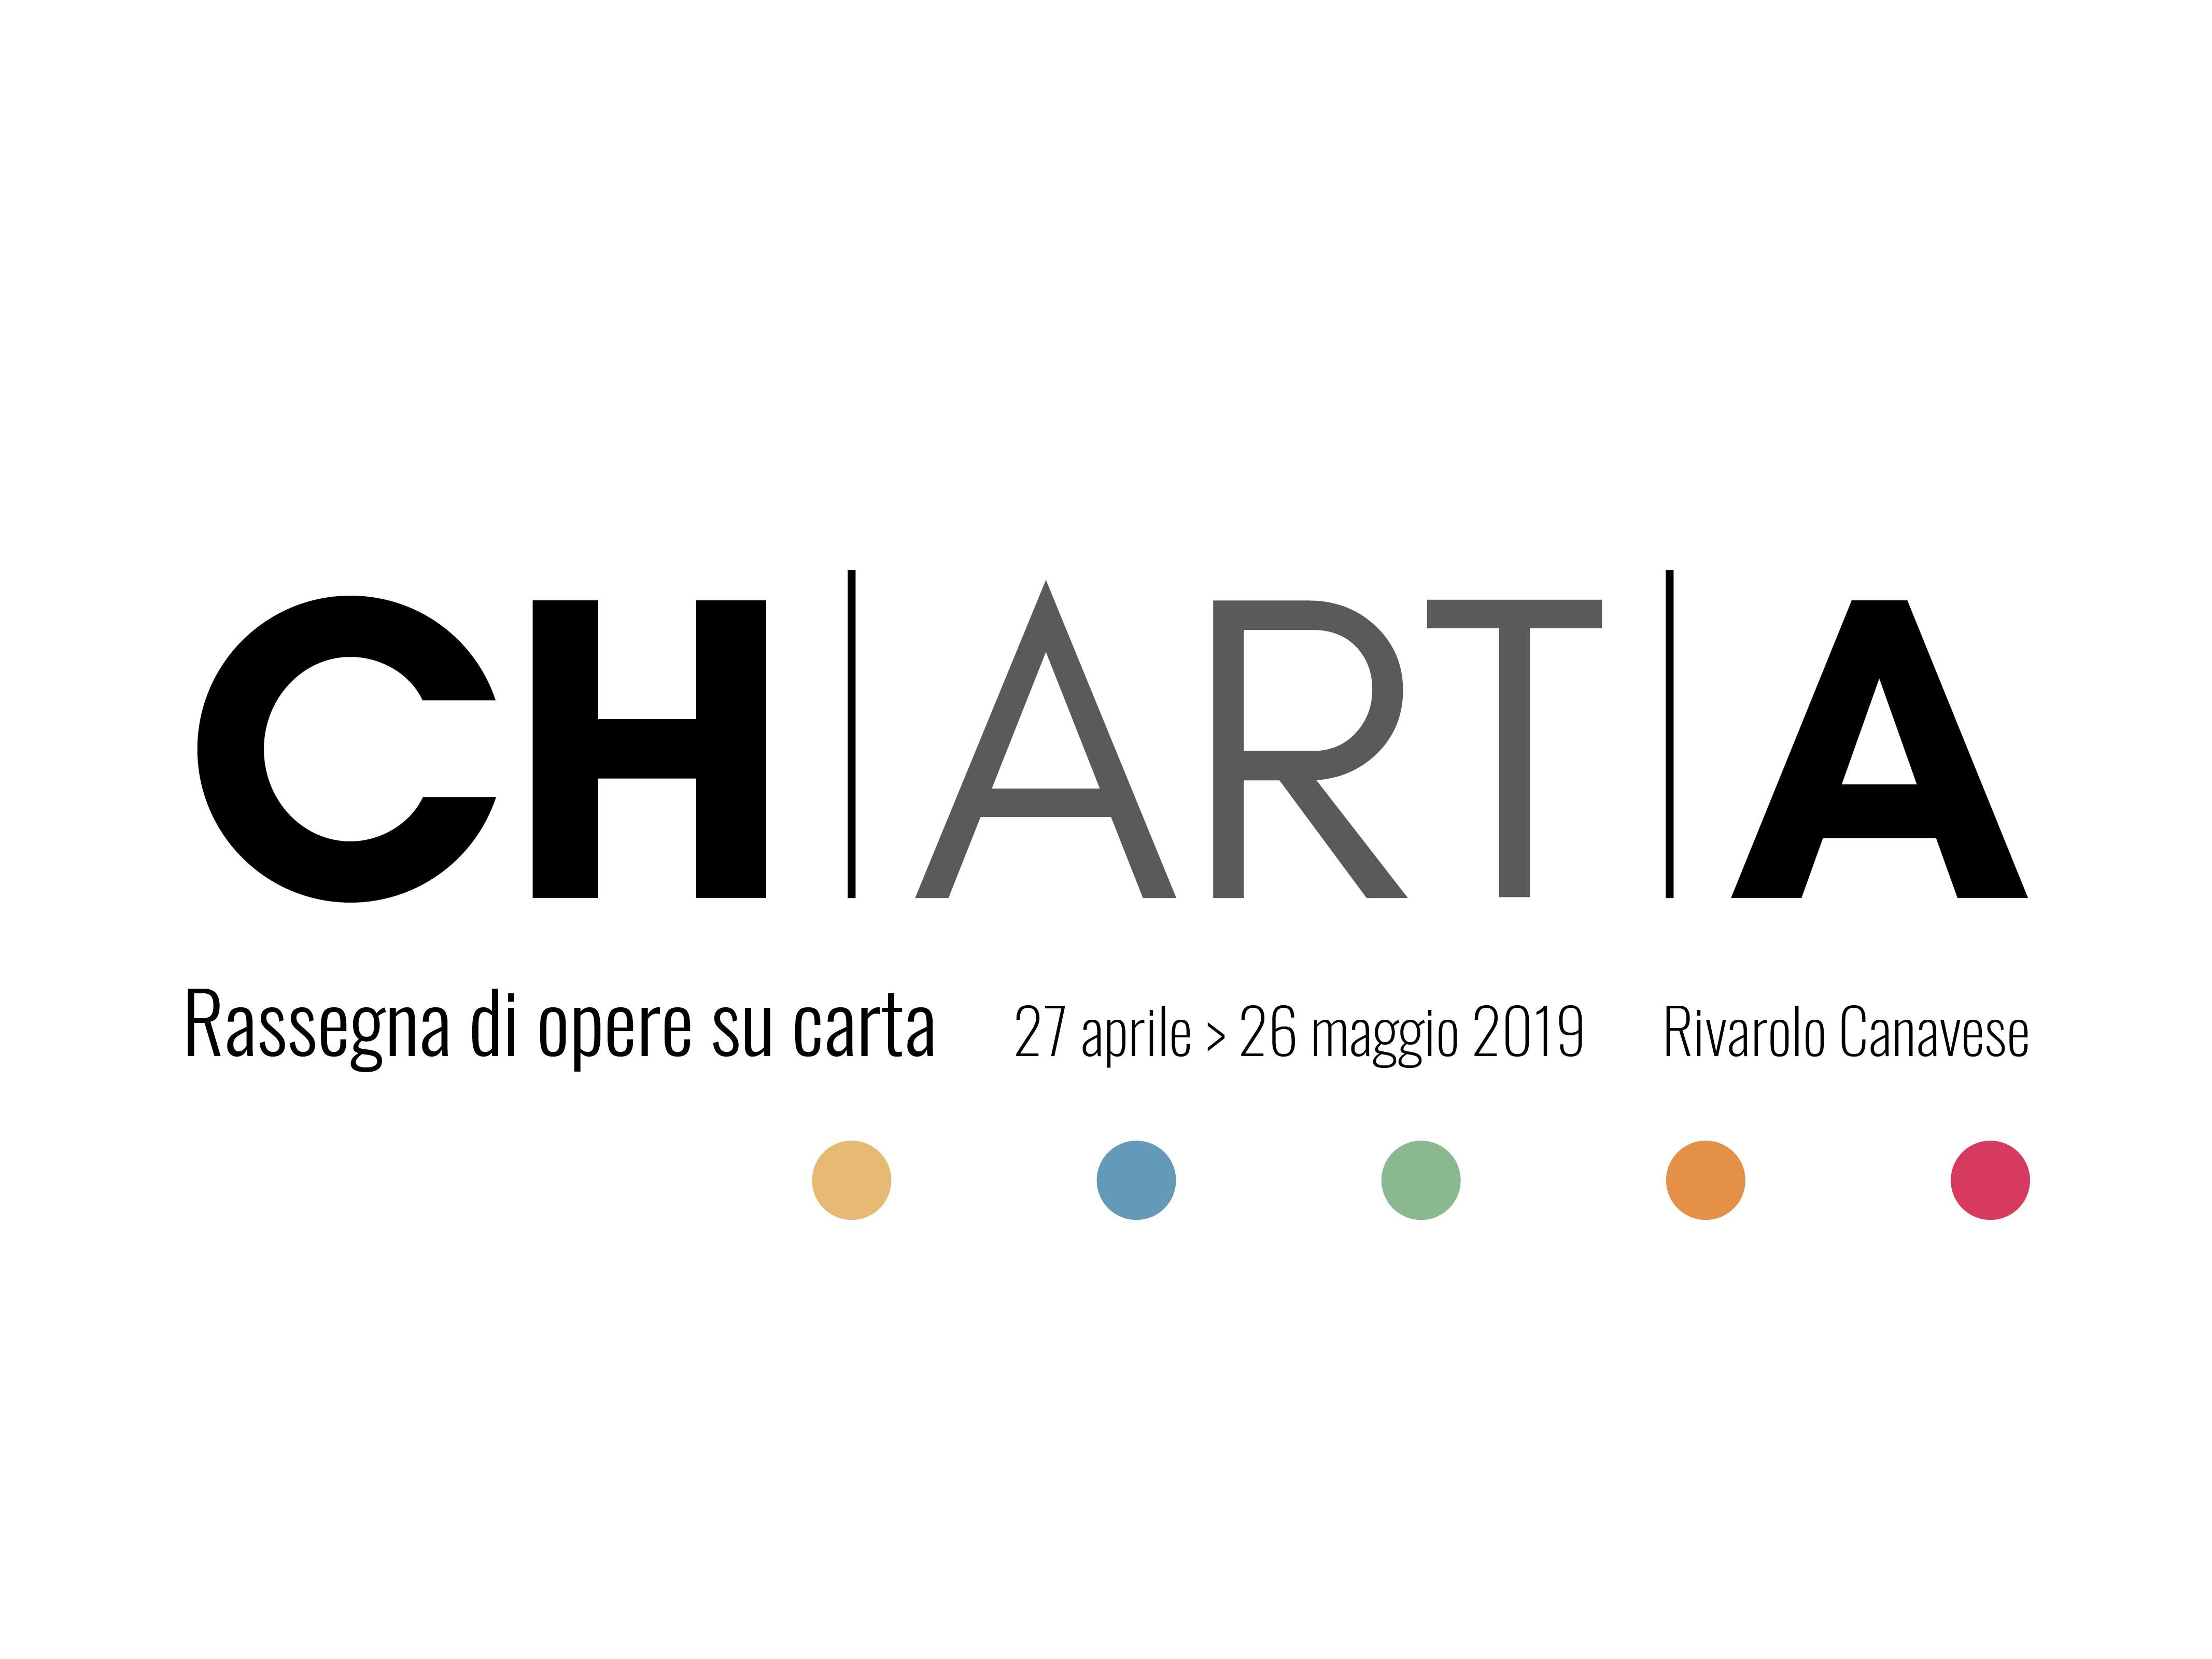 CH|ART|A - Rassegna di opere su carta